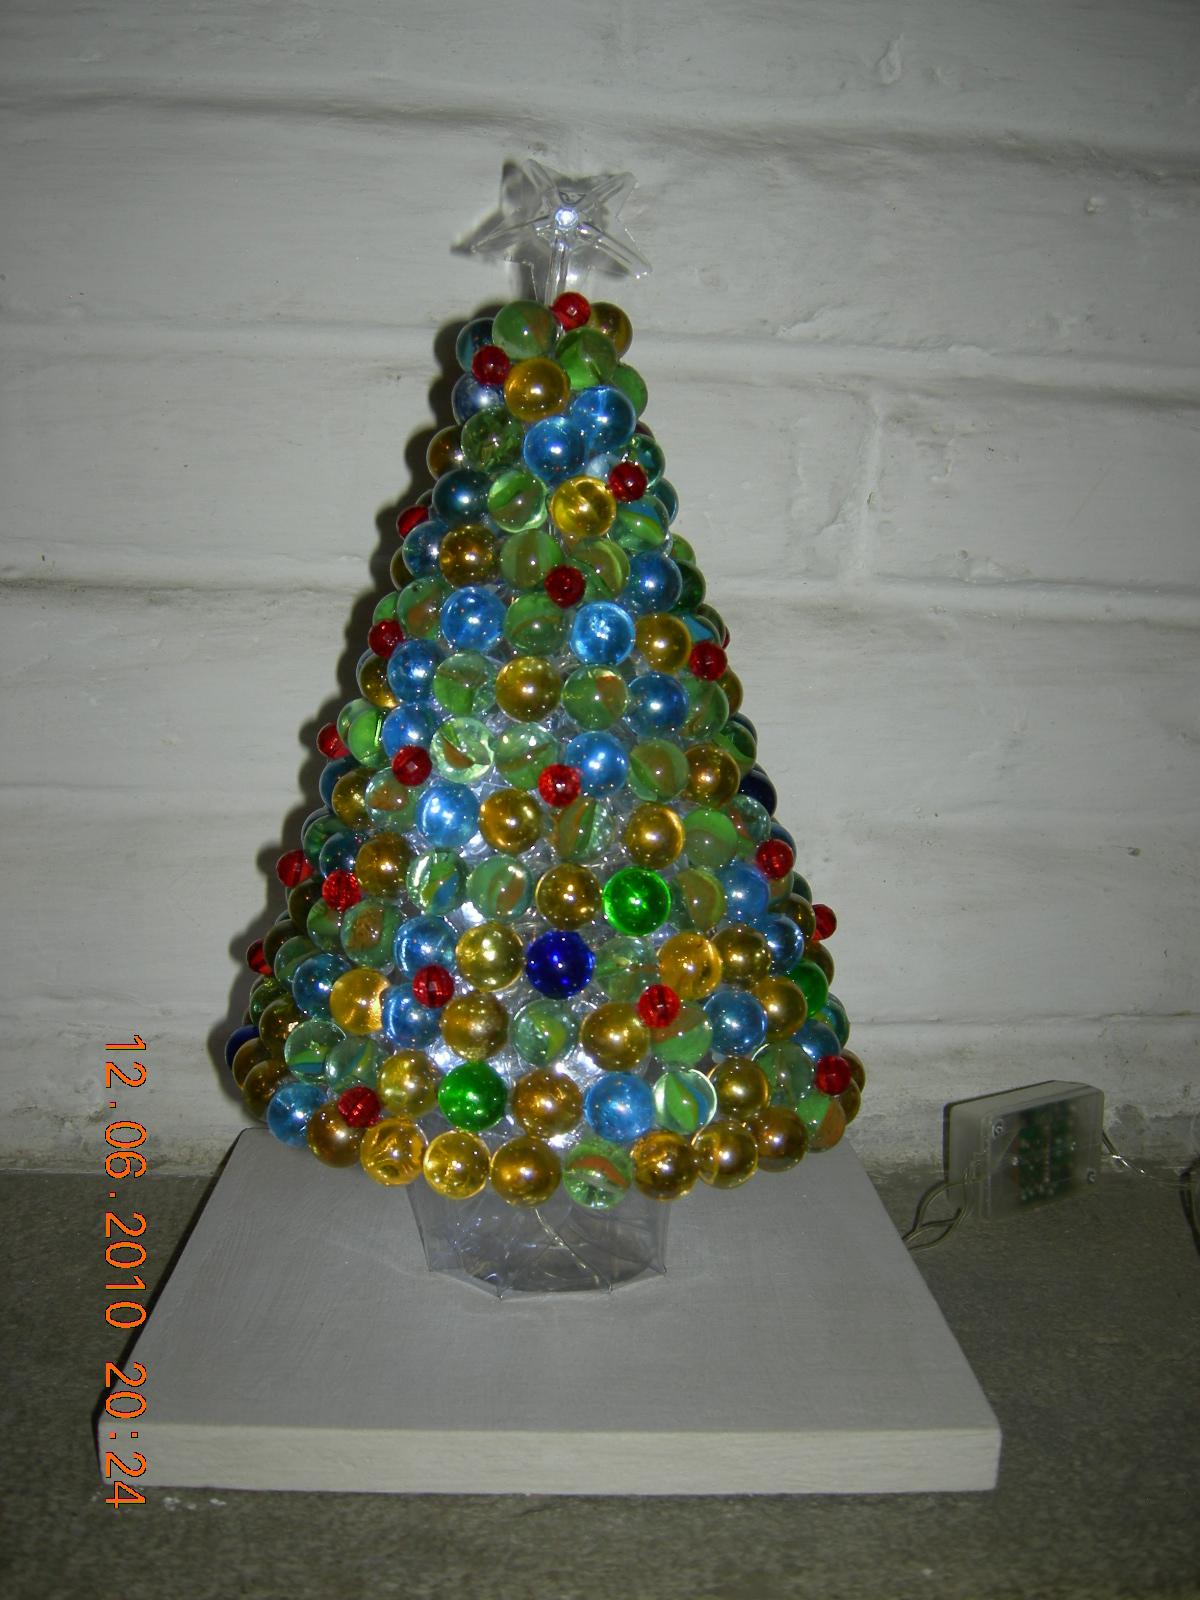 La Morenita Lampara Arbol De Navidad De Plastico Pet